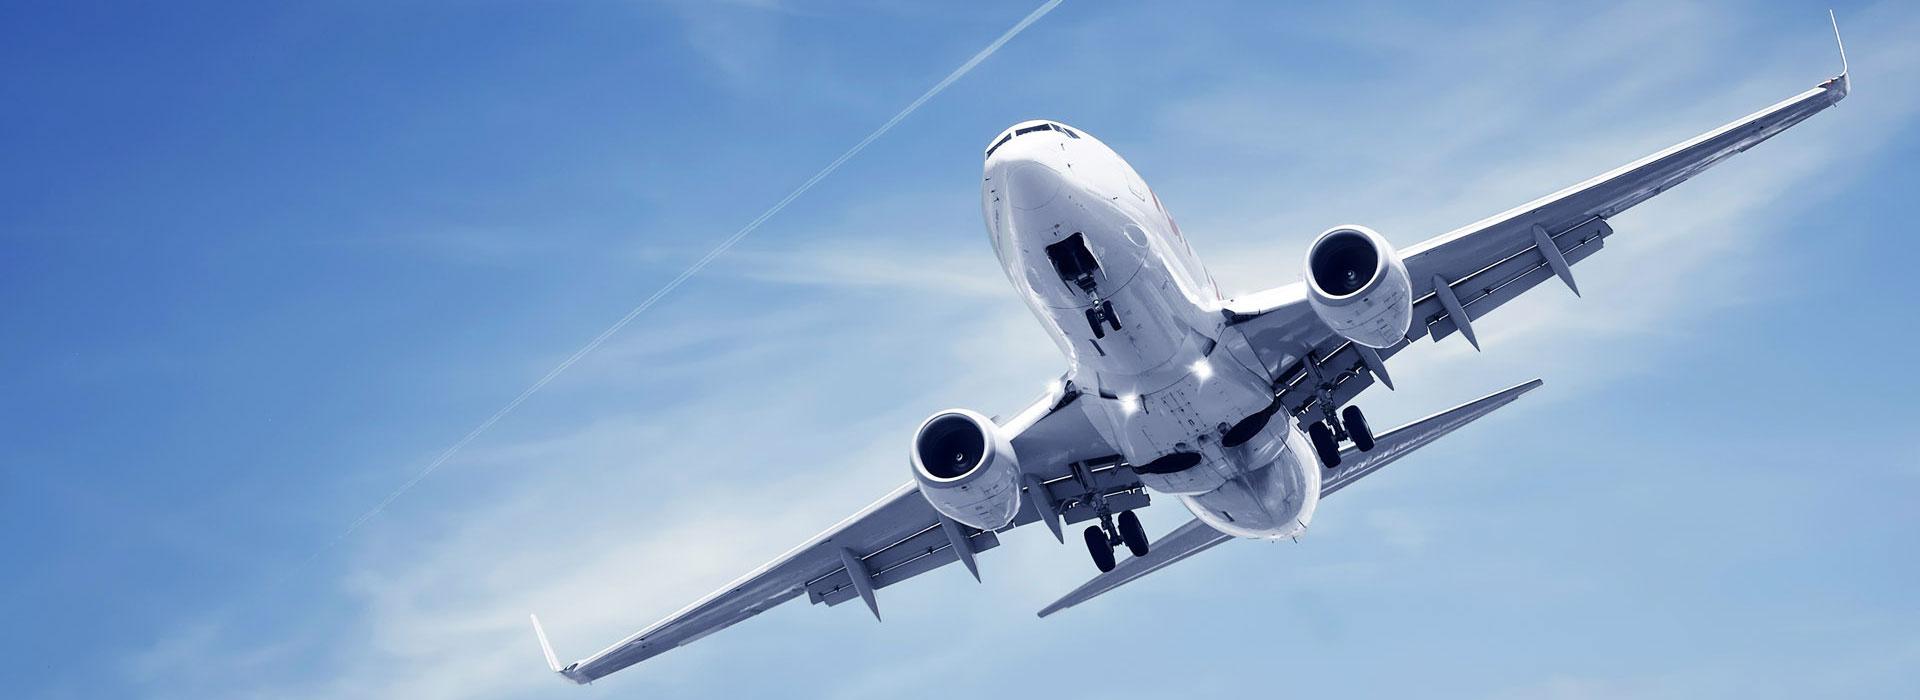 aviazione-header